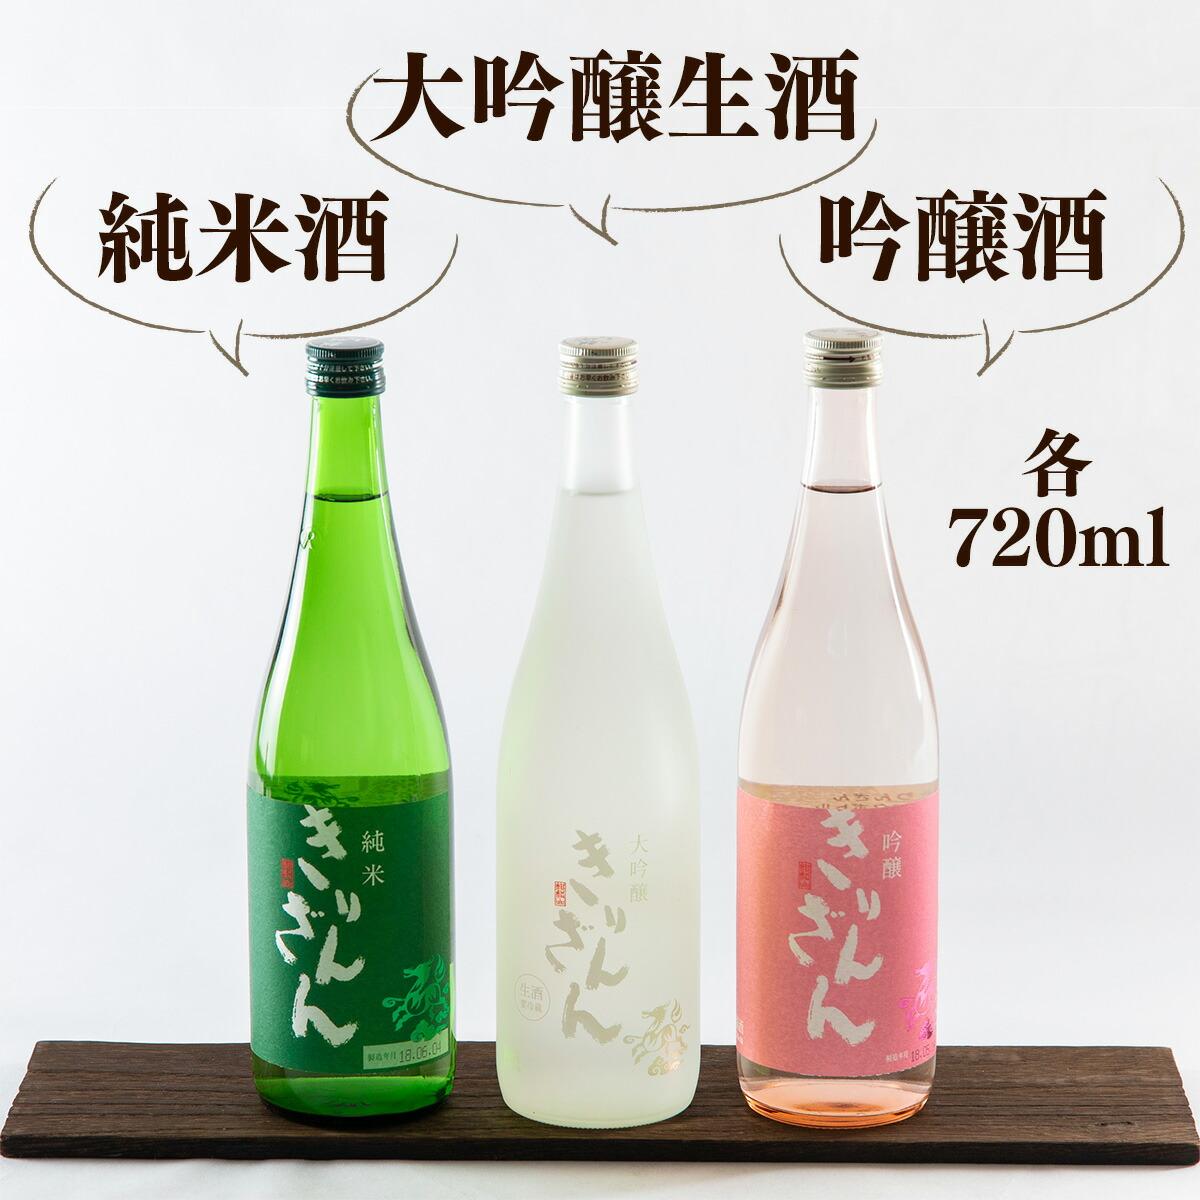 【ふるさと納税】 各720ml 麒麟山辛口シリーズ飲み比べ3本セット